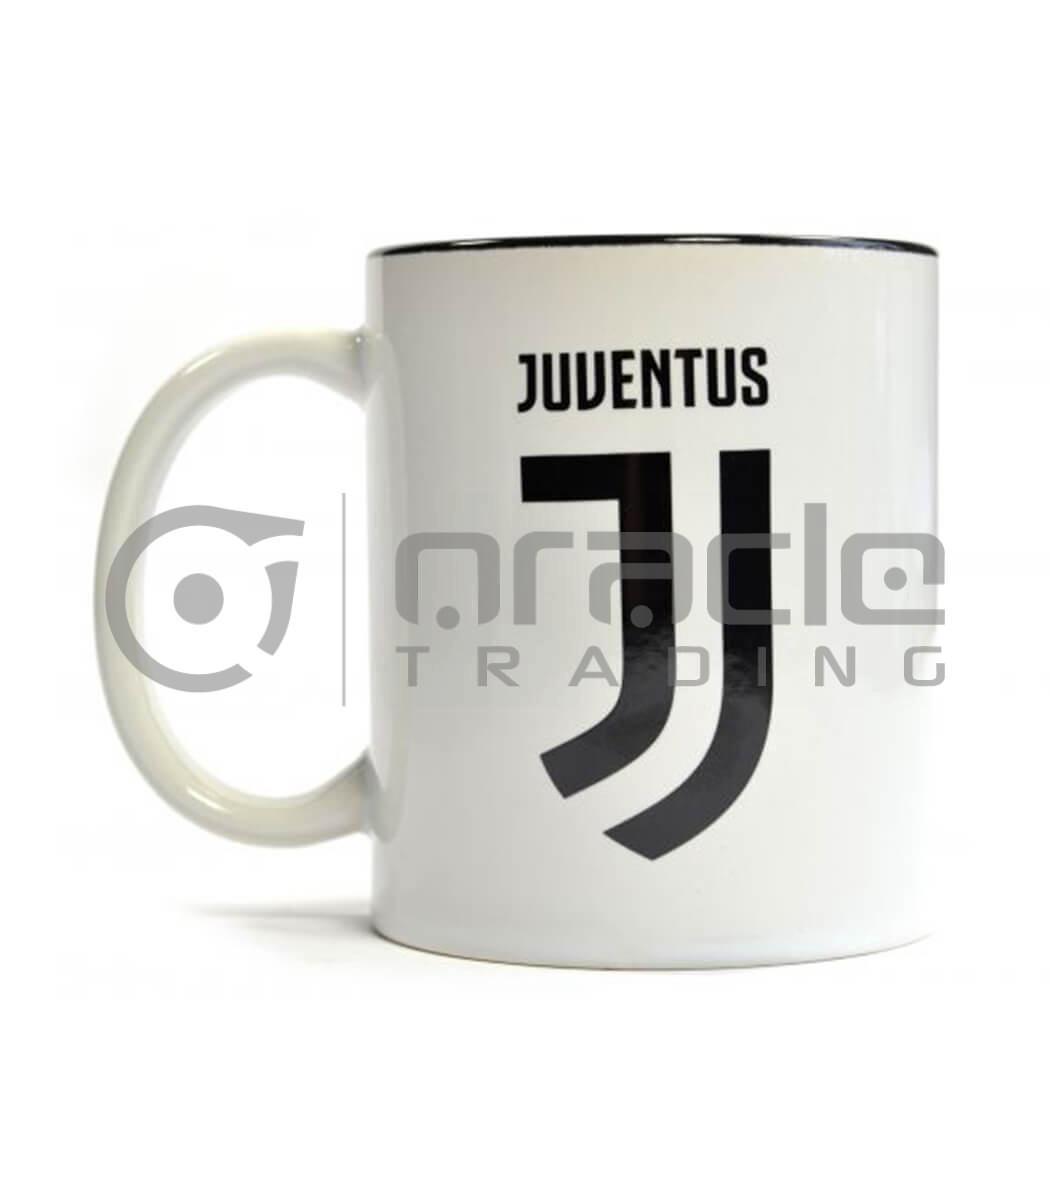 Juventus Crest Mug (Boxed)